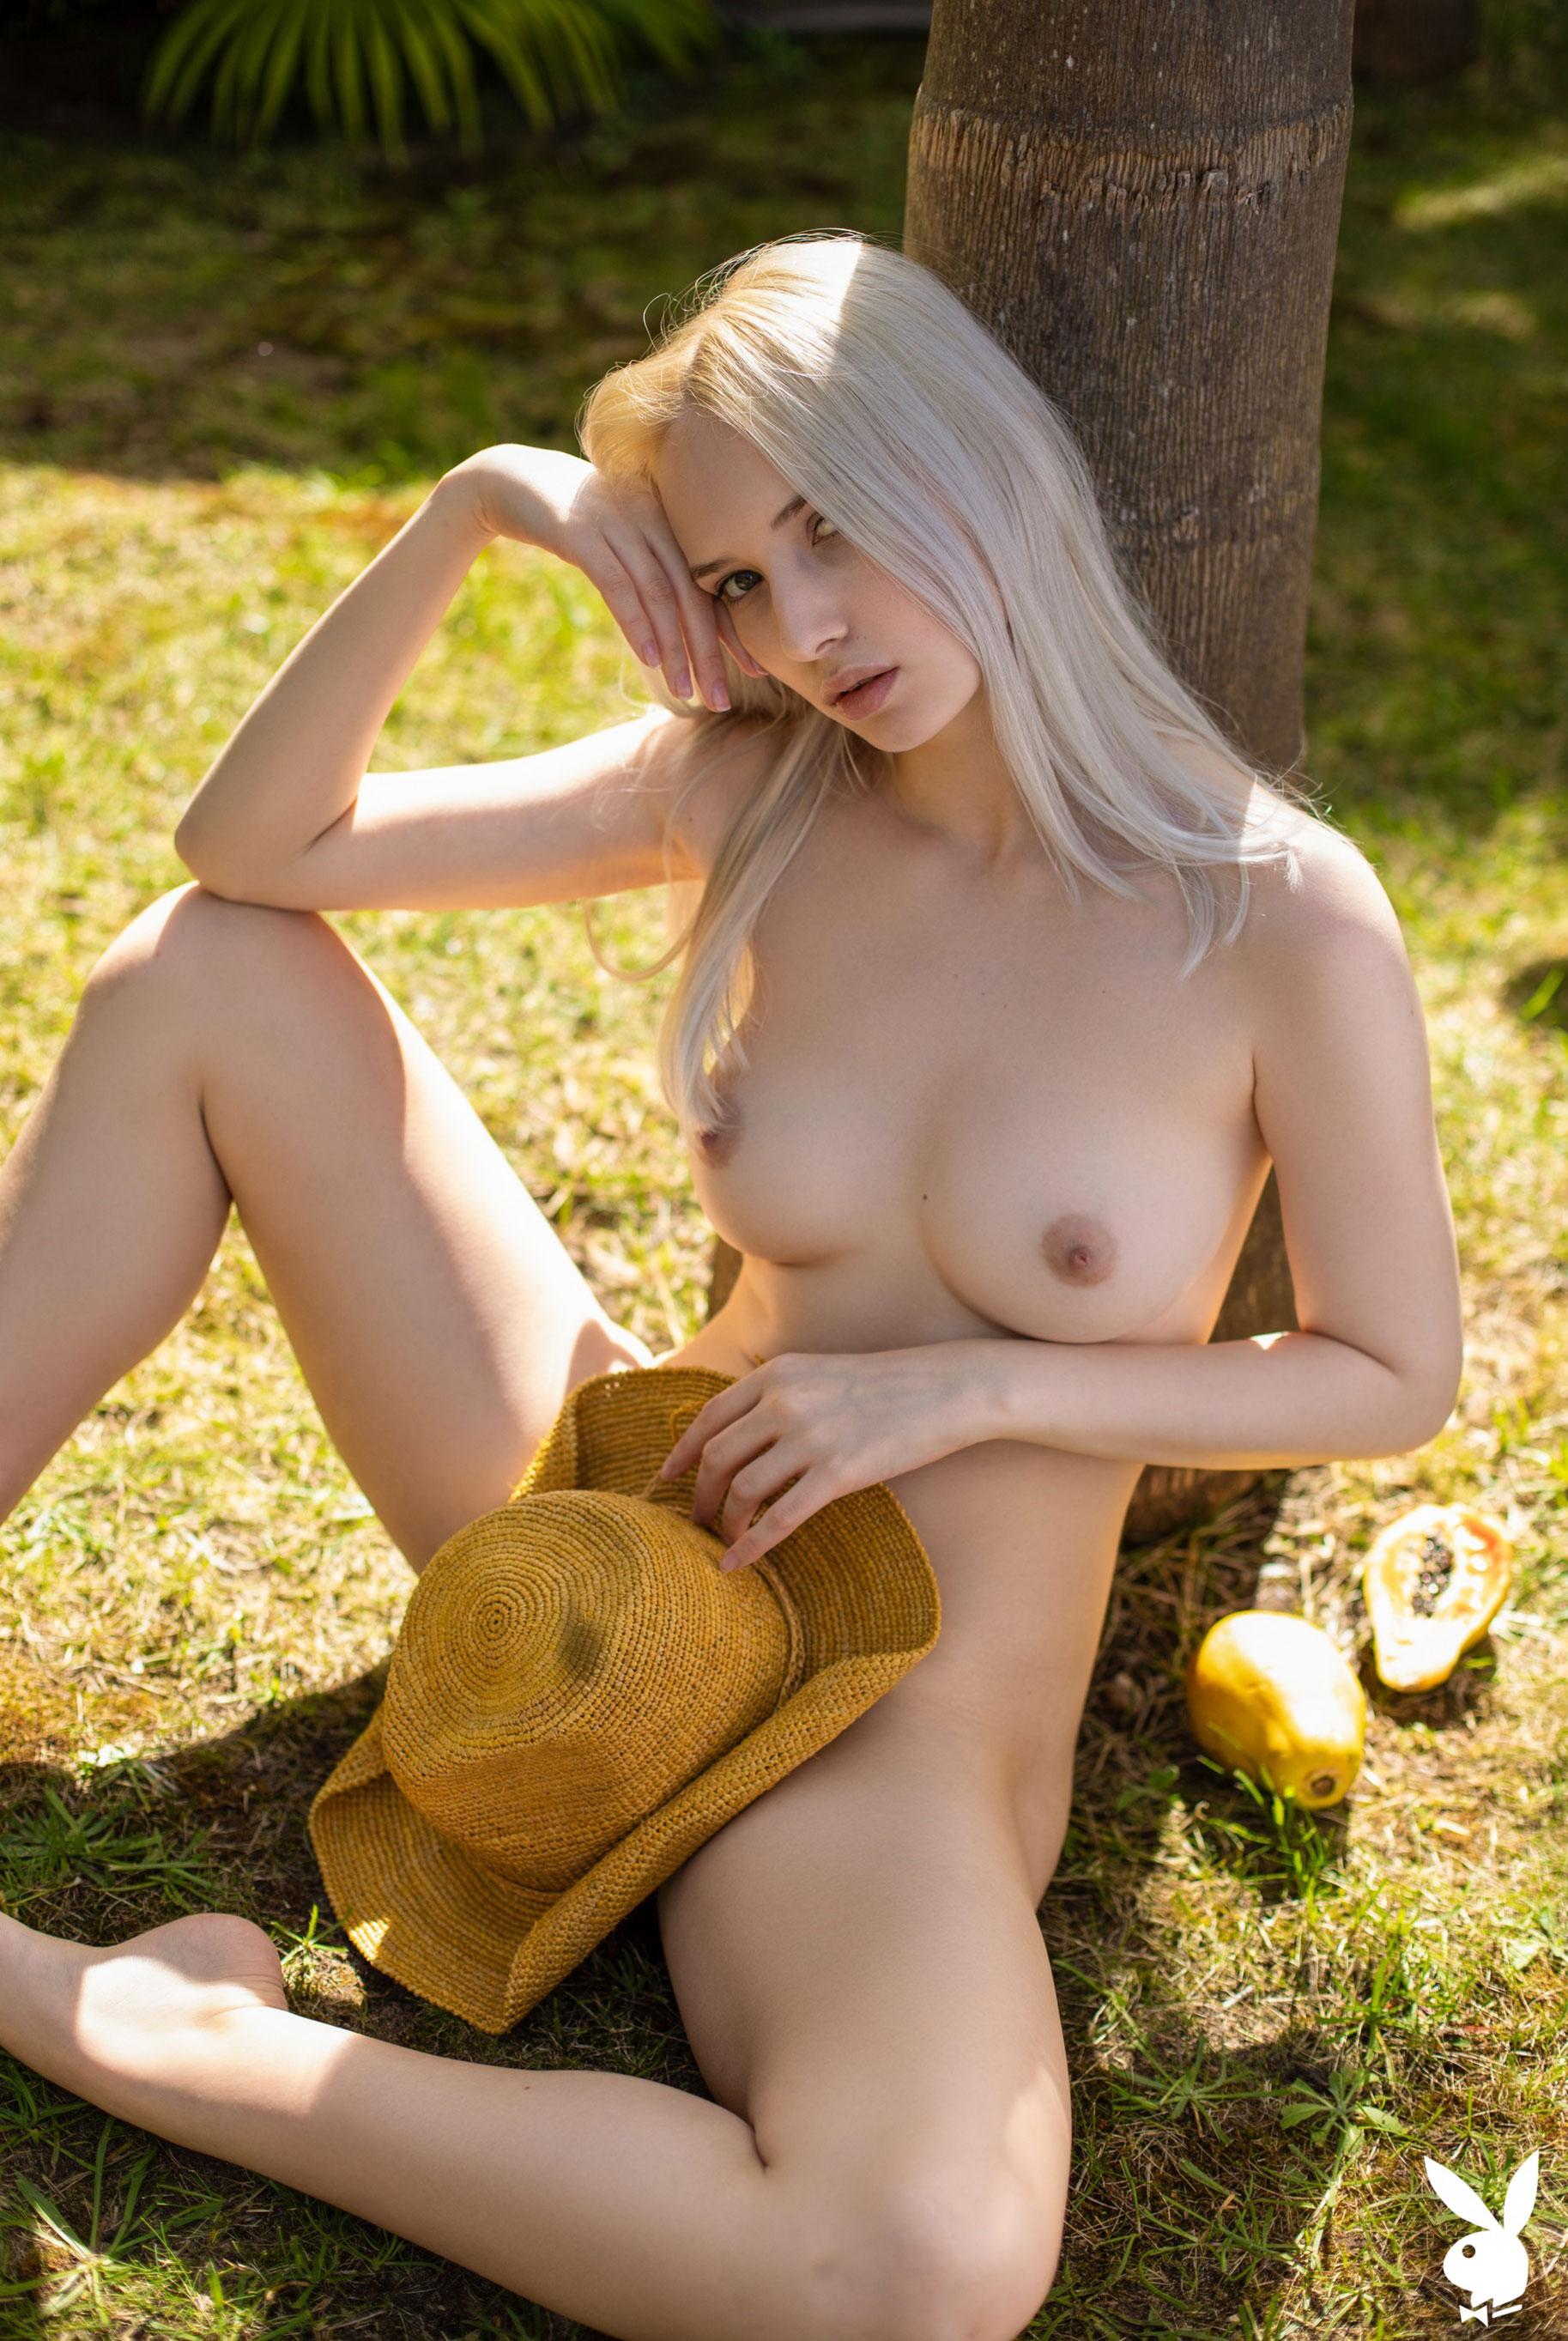 Сексуальная и голая Моника Васп в окружении тропических растений / фото 19